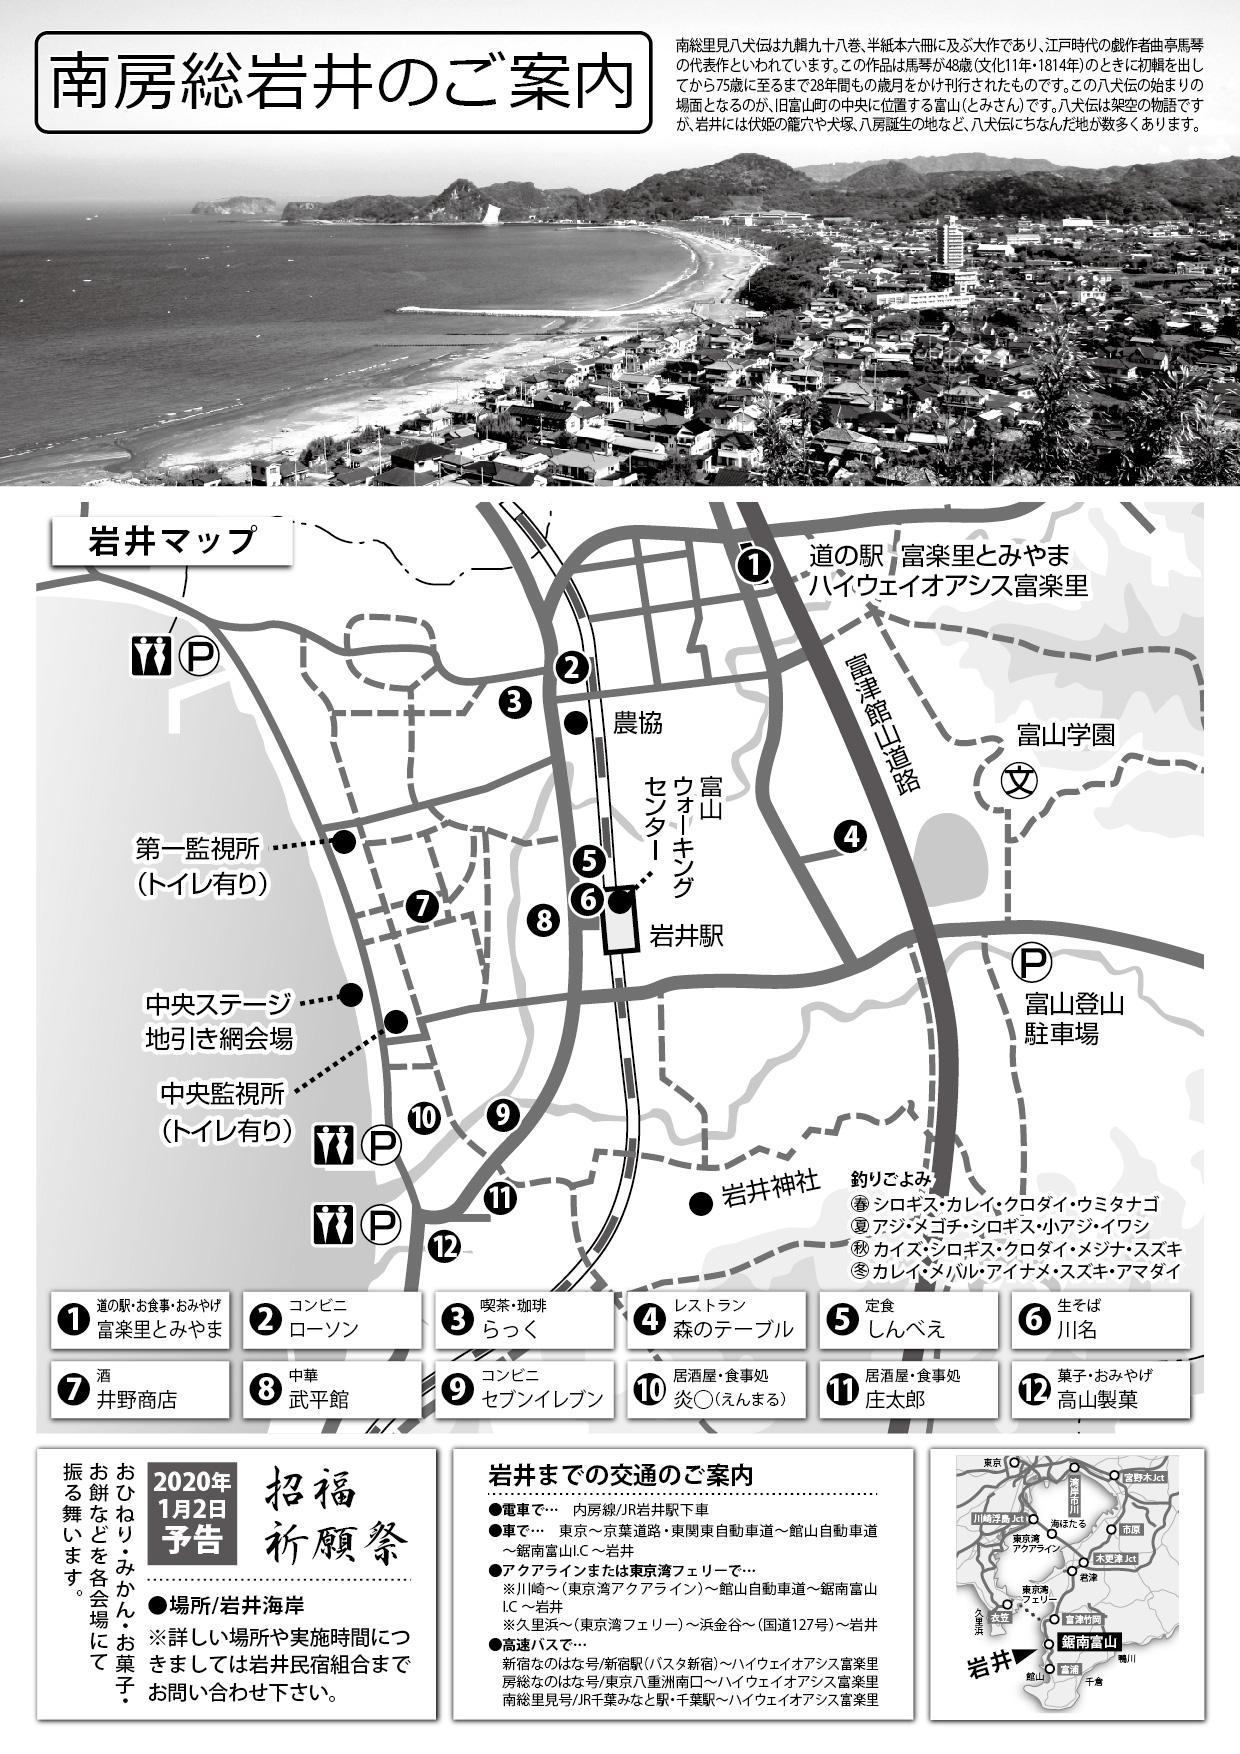 岩井地引き網と海鮮バーベキューフライヤー裏2019_修正版-01